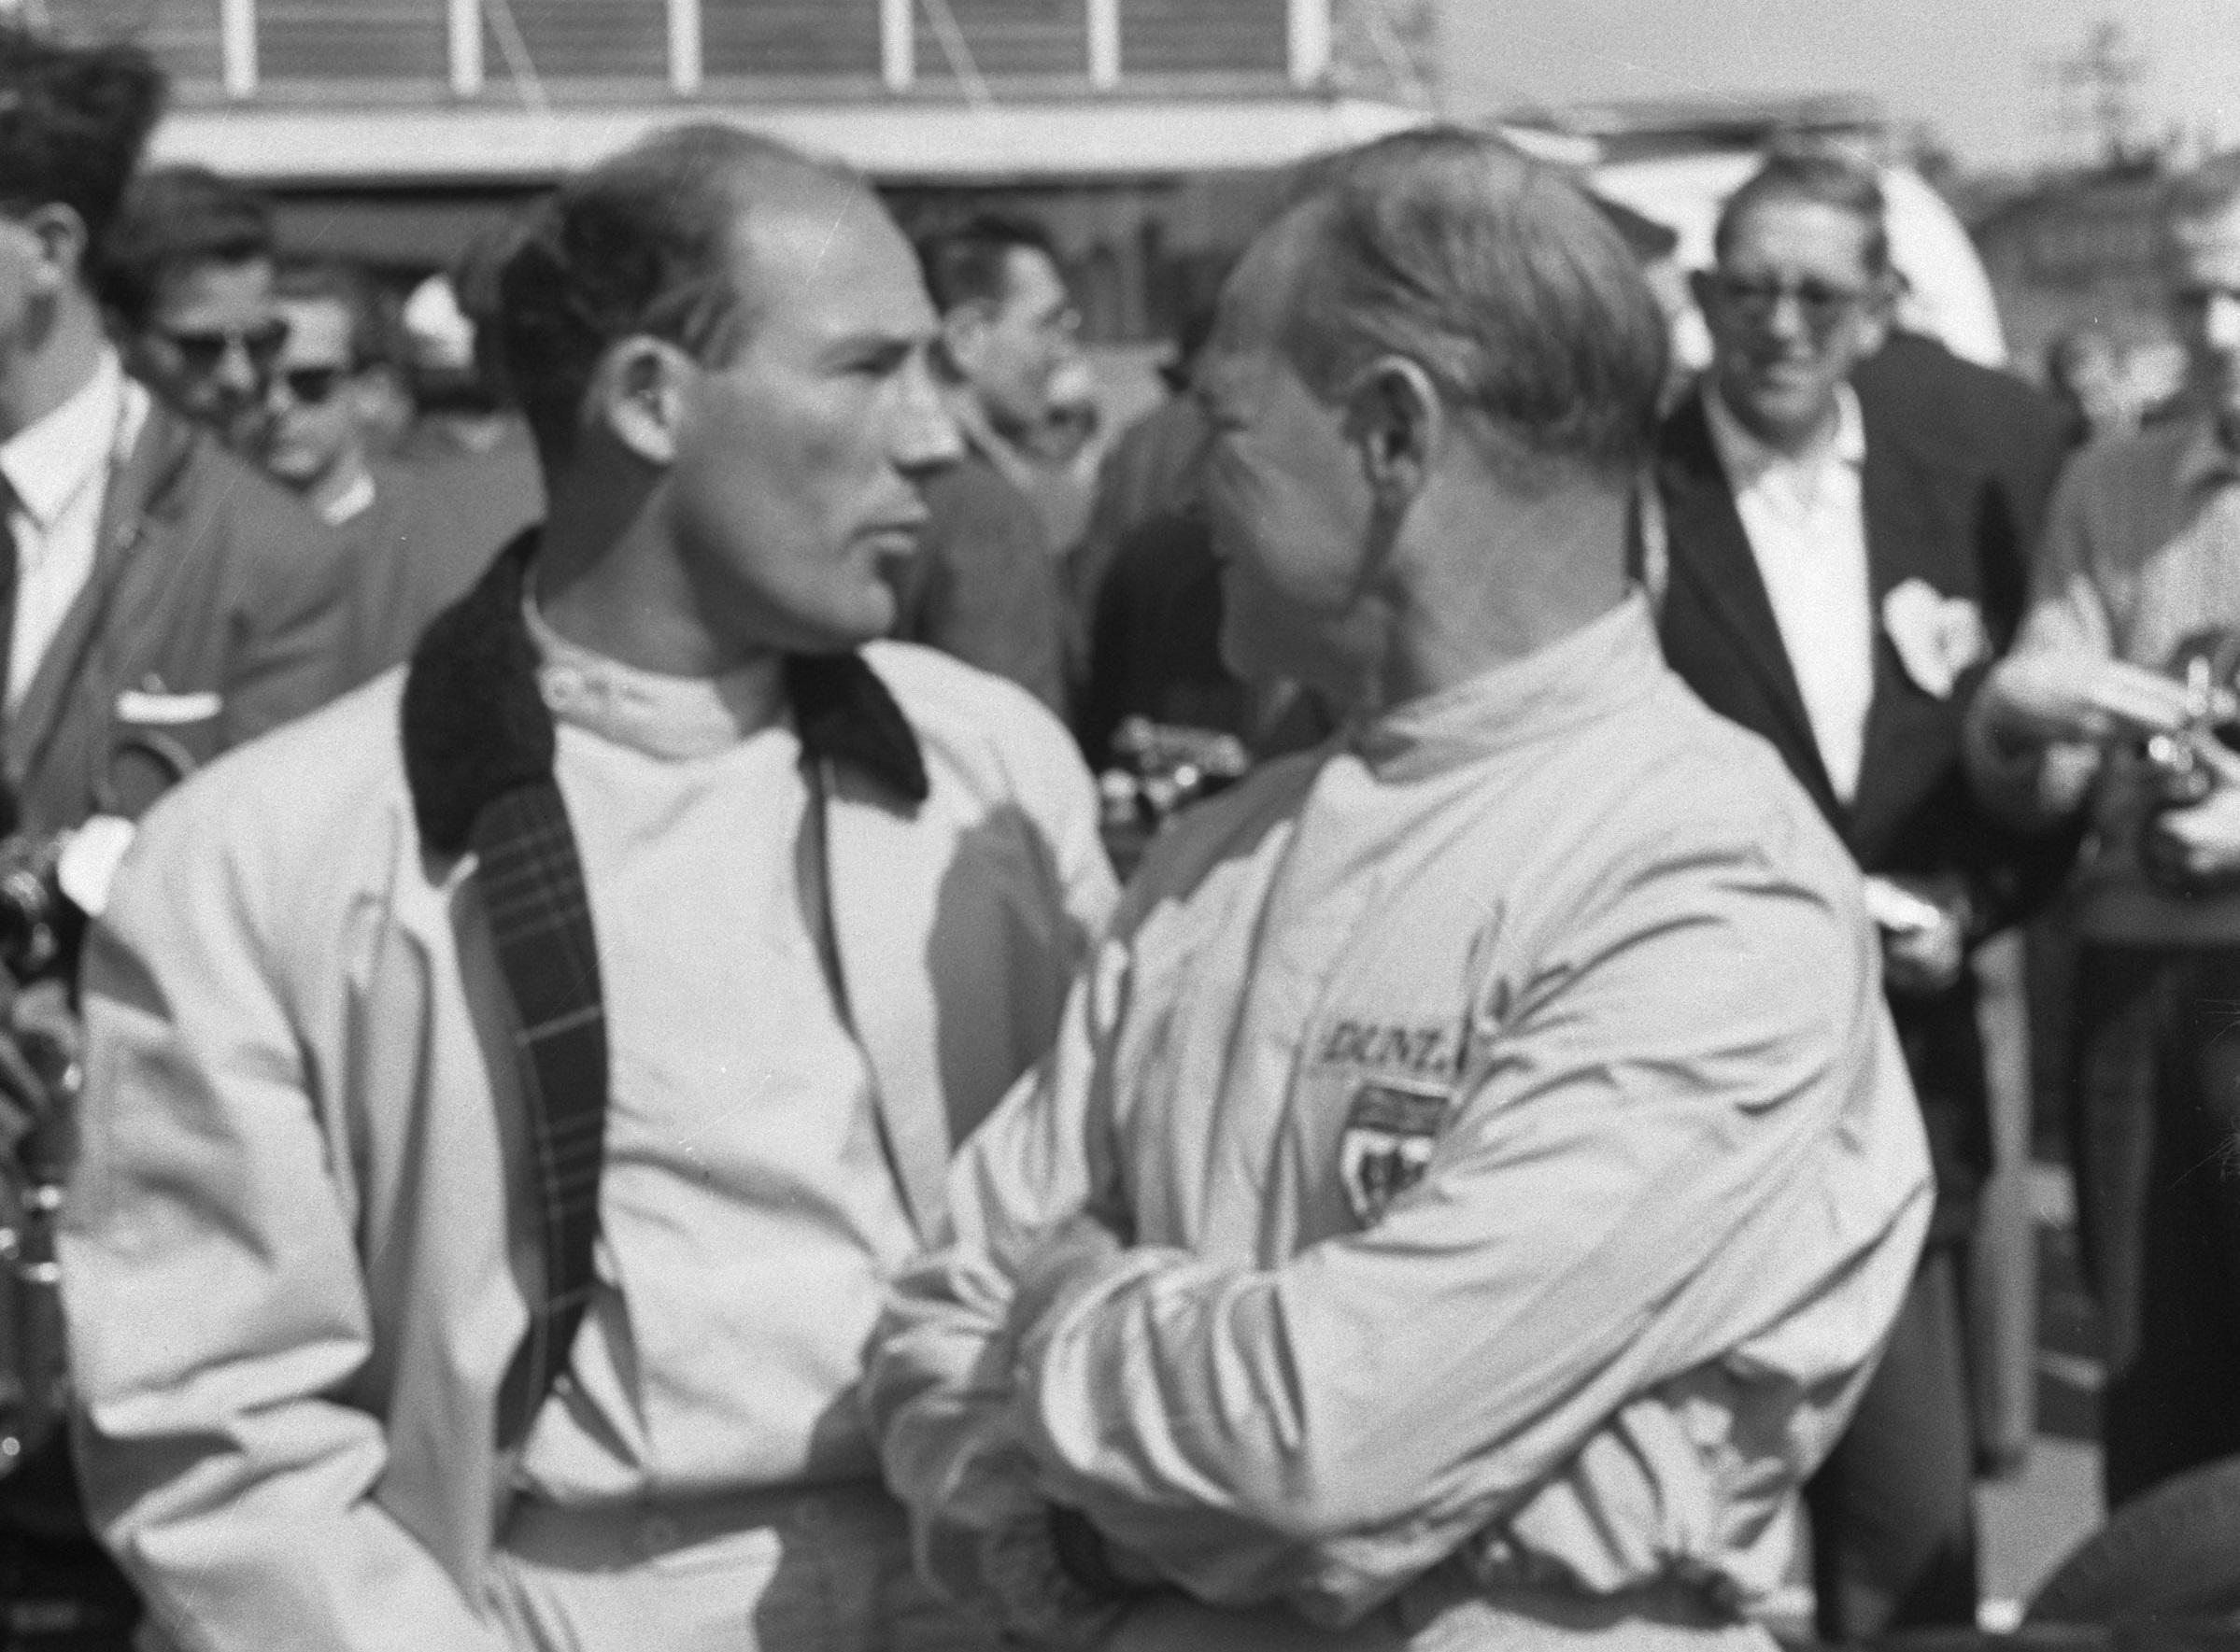 Мосс слева с  Иннес Айрлендом в 1961 году